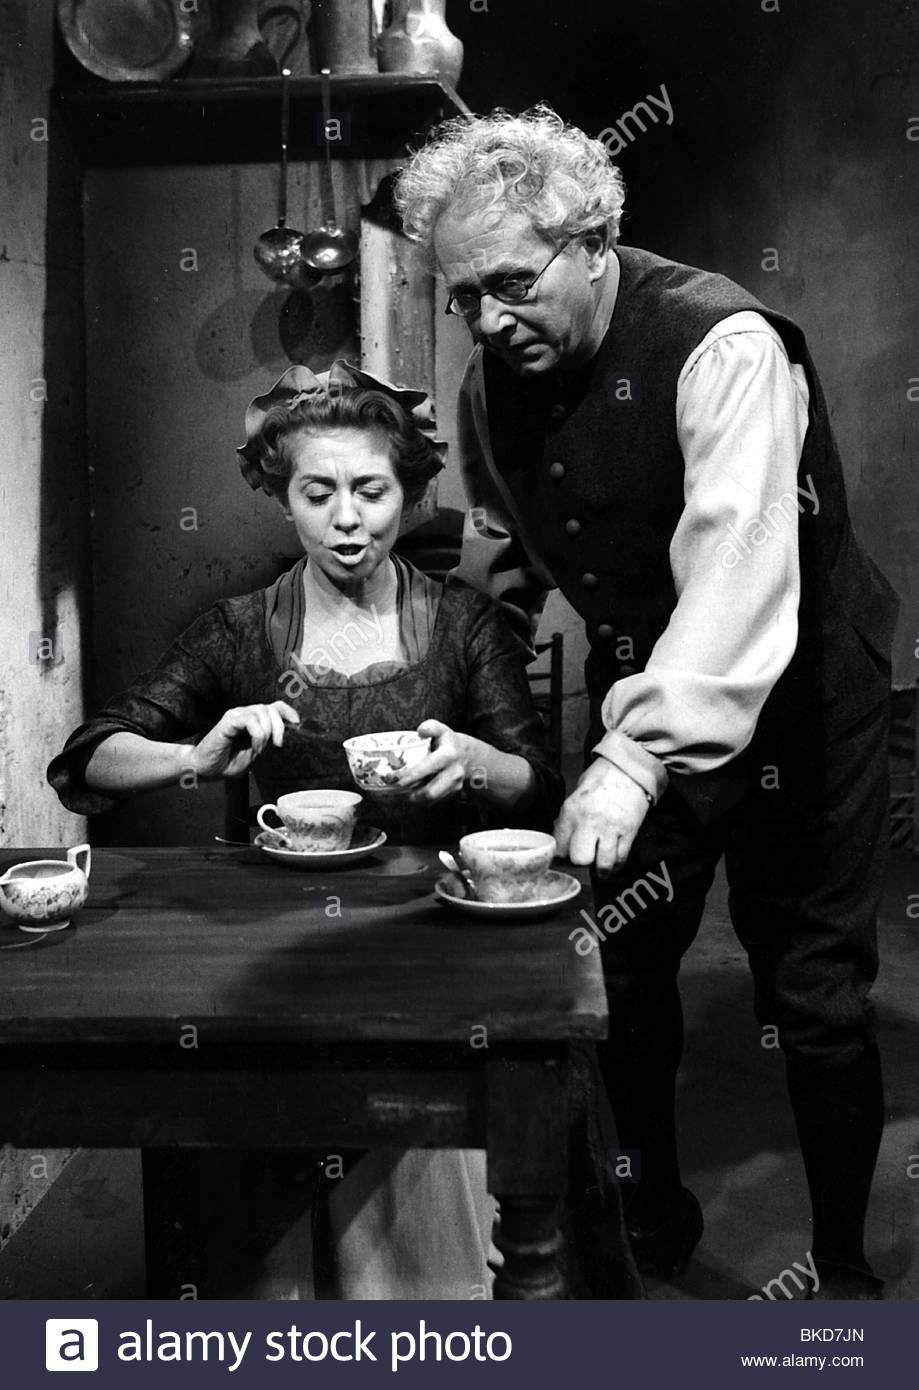 Meysel, Inge, 30.5.1910 - 10.7.2004, actriz alemana, escena cinematográfica, película no identificada, 1960, mujer, Foto de stock